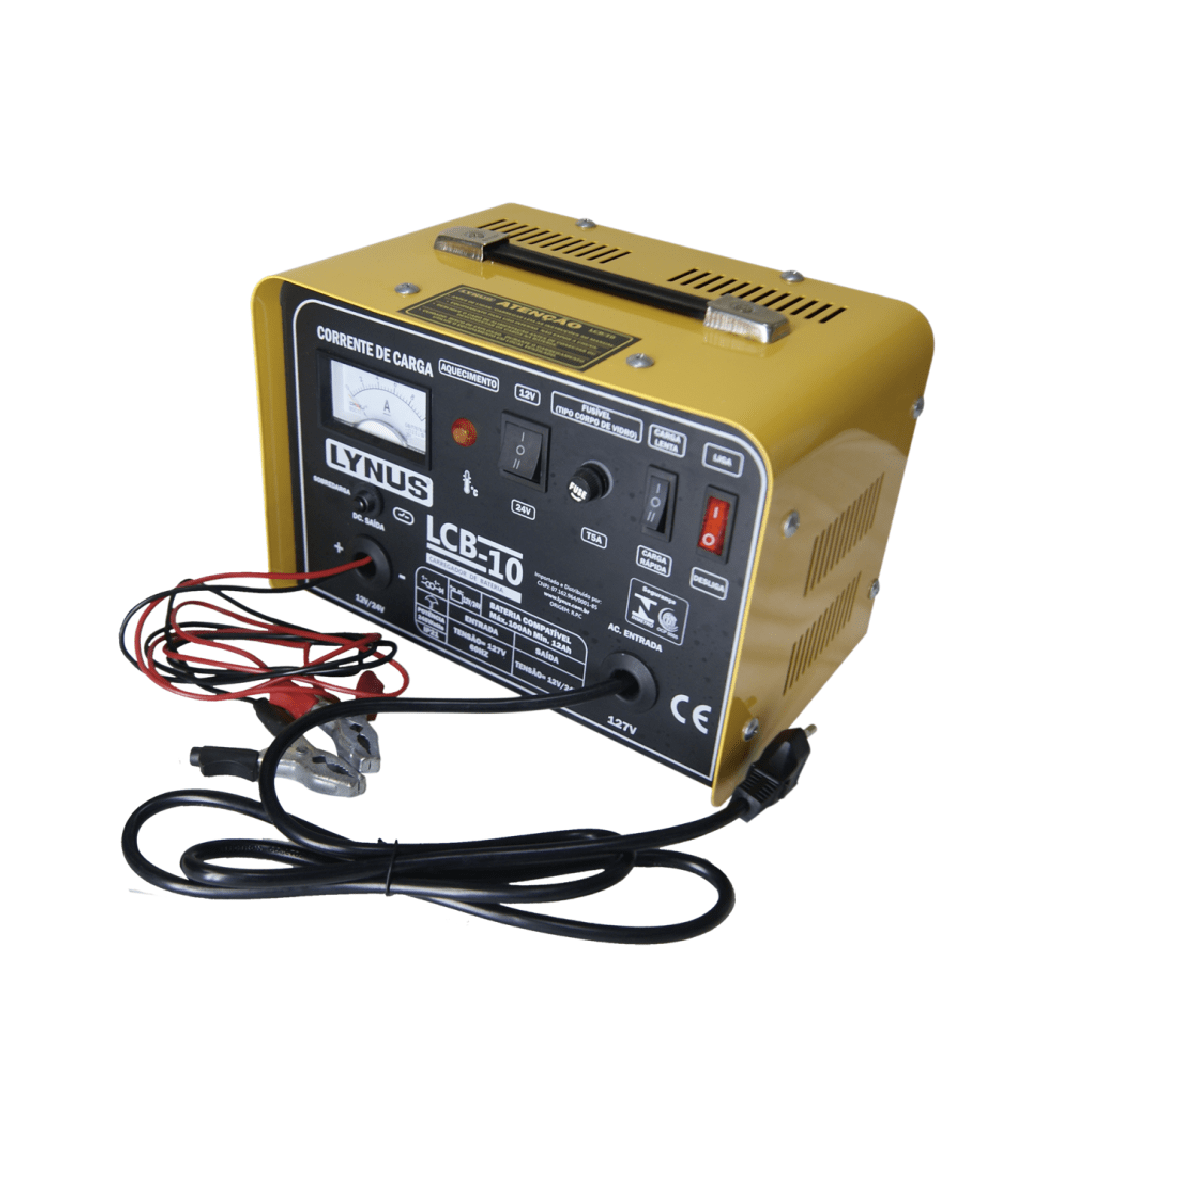 Carregador de Baterias 100A 12/24 V 220V LCB10 Lynus